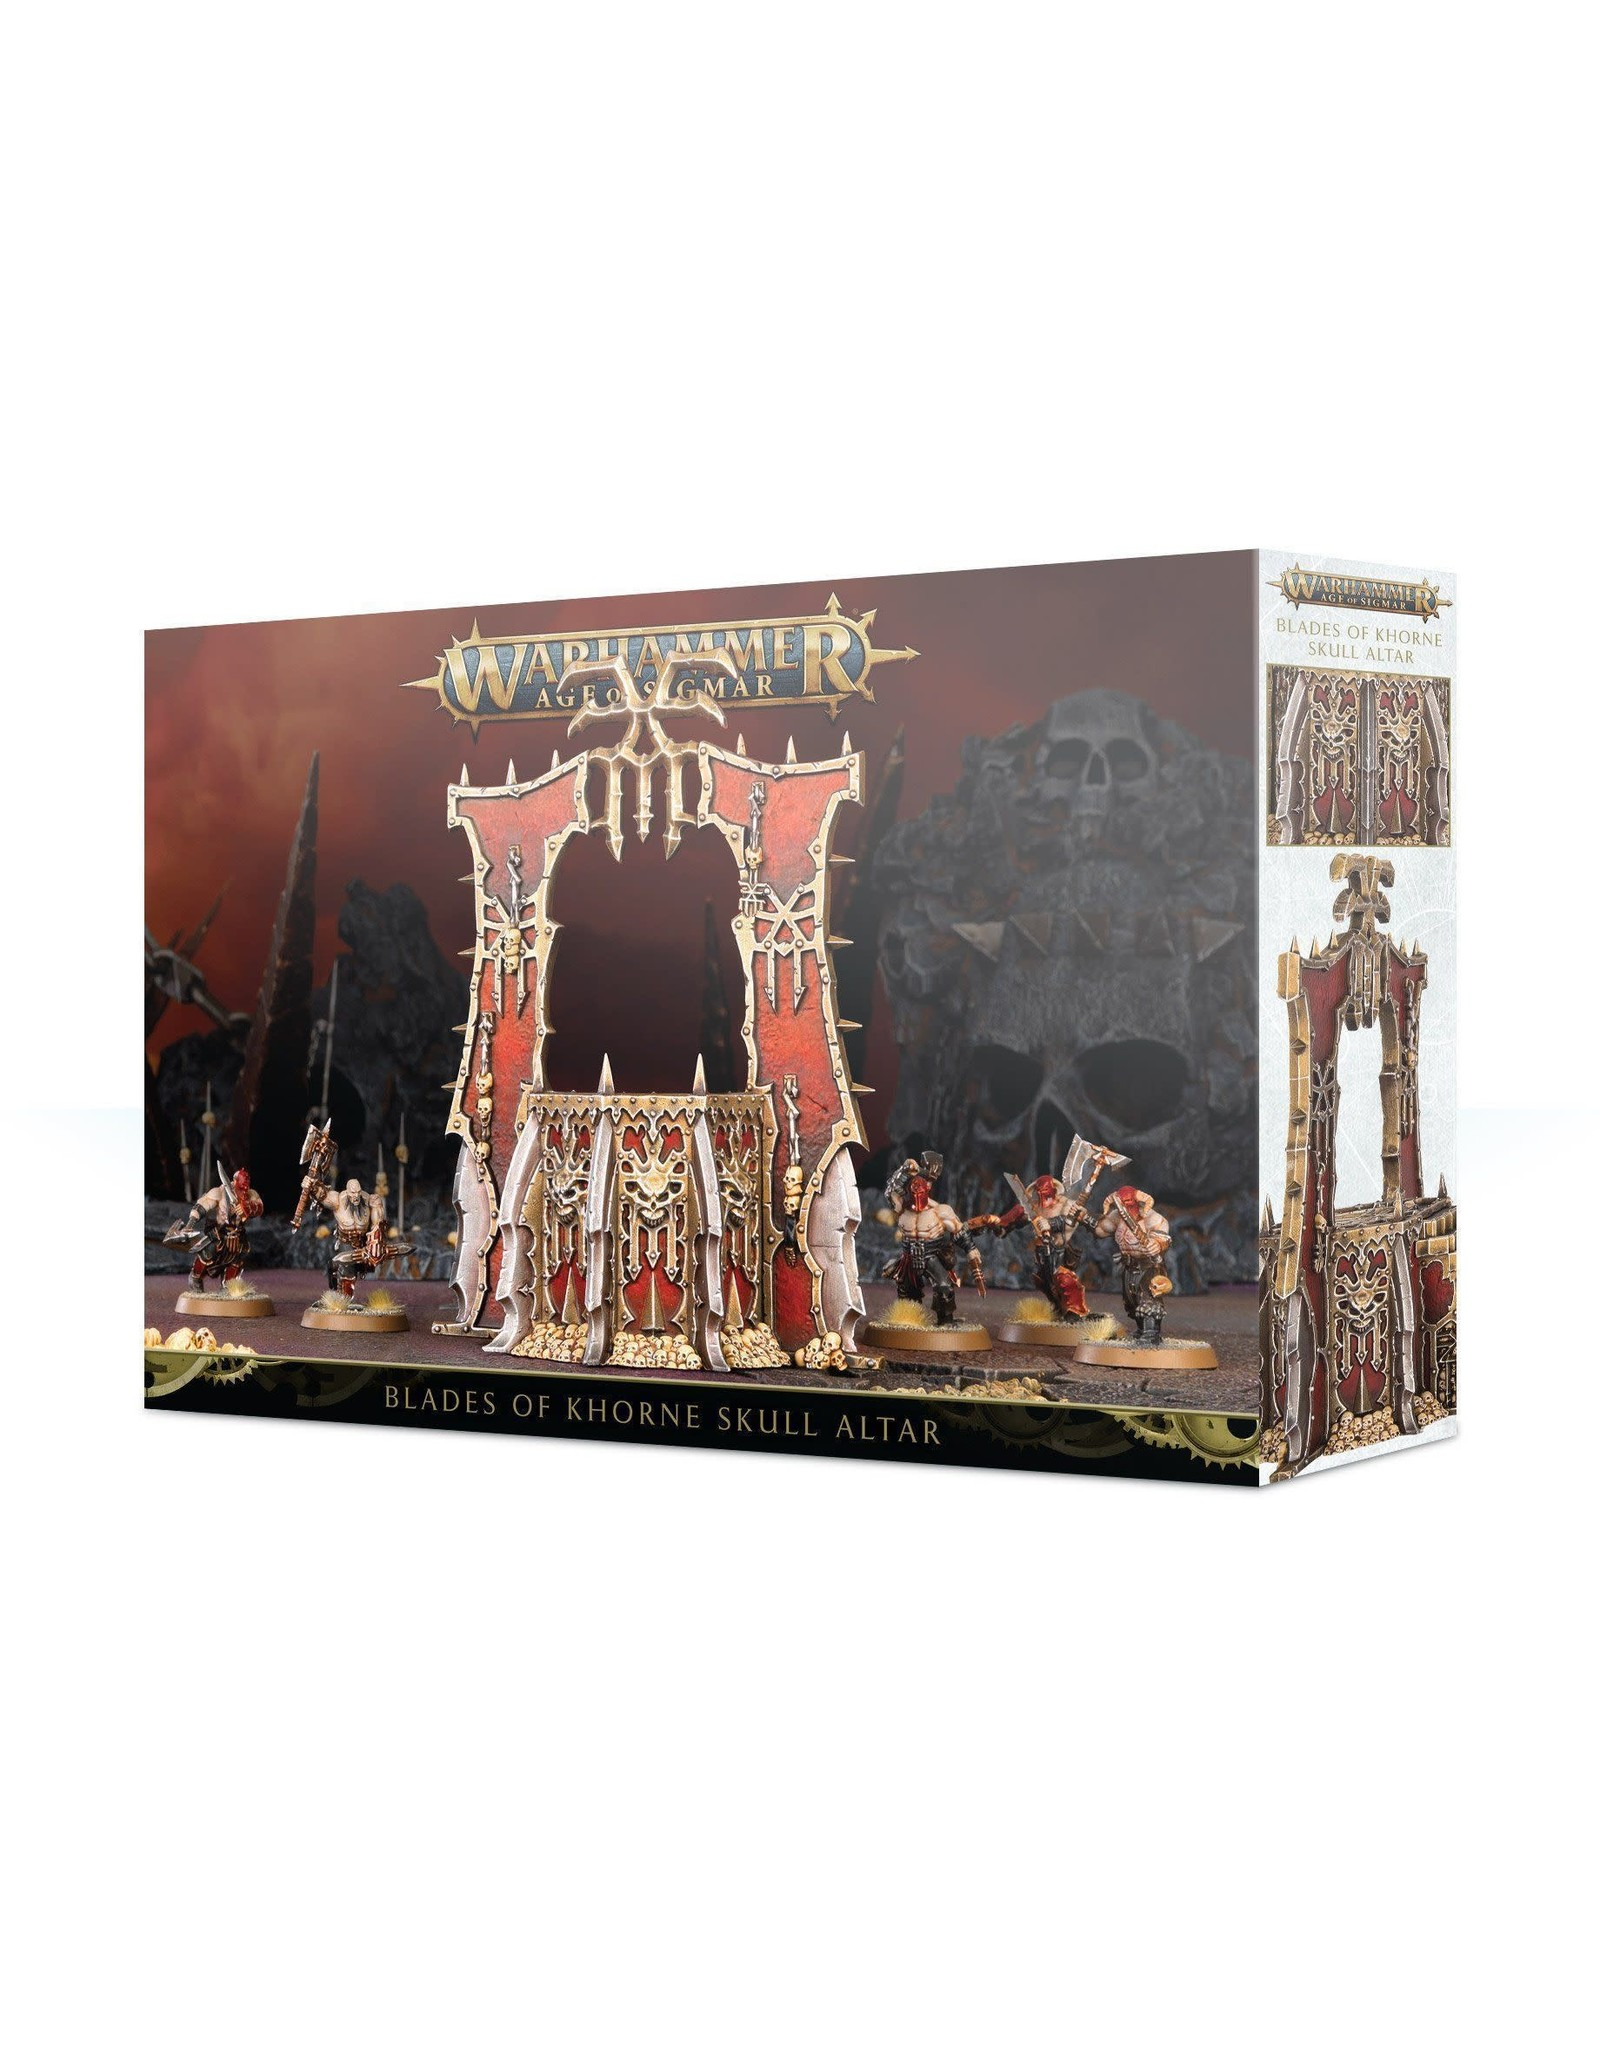 Blades of Khorne Skull Altar (AOS)